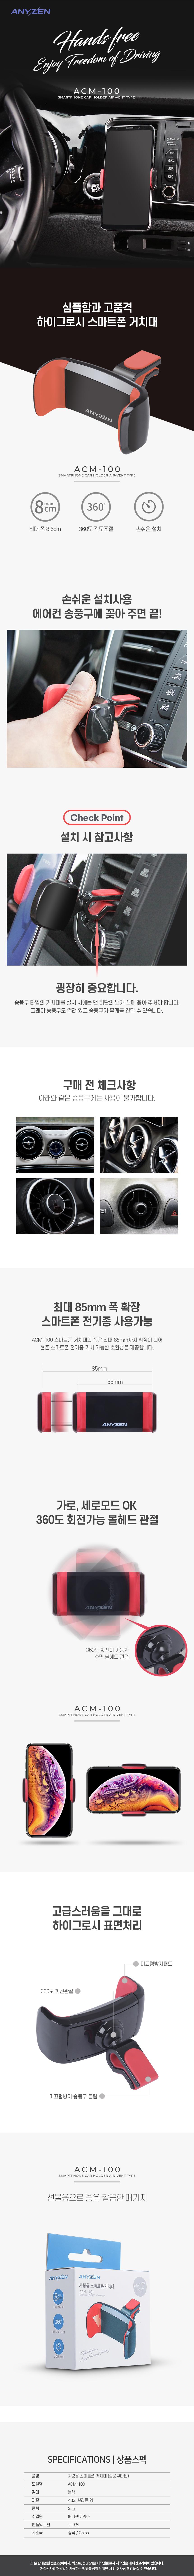 ANYZEN ANYZEN 차량용 스마트폰 거치대 ACM-100